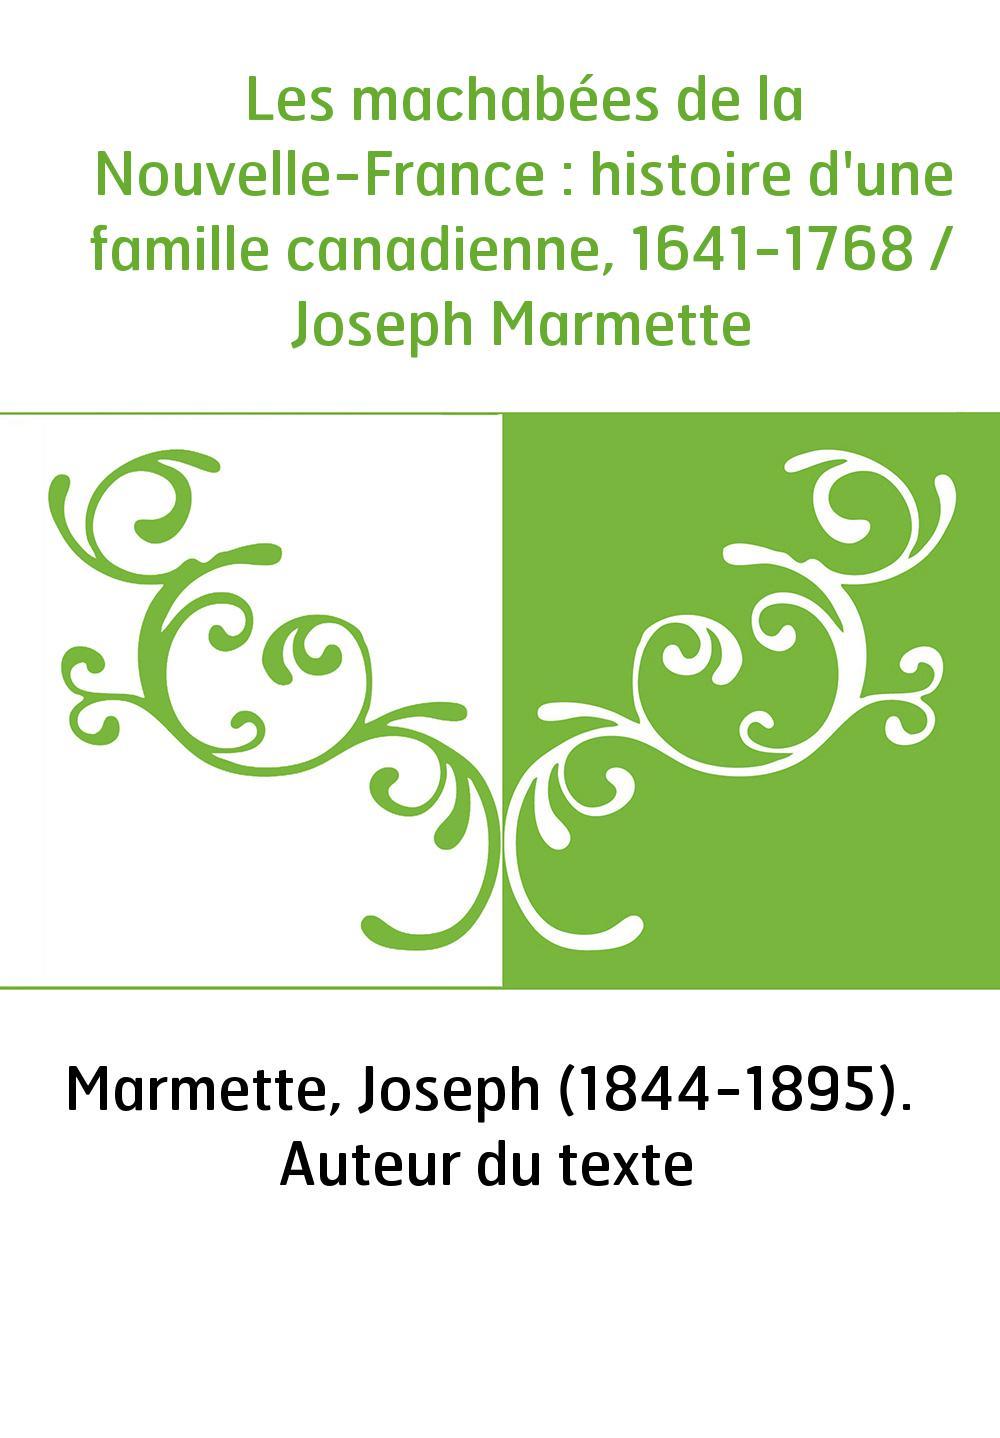 Les machabées de la Nouvelle-France : histoire d'une famille canadienne, 1641-1768 / Joseph Marmette